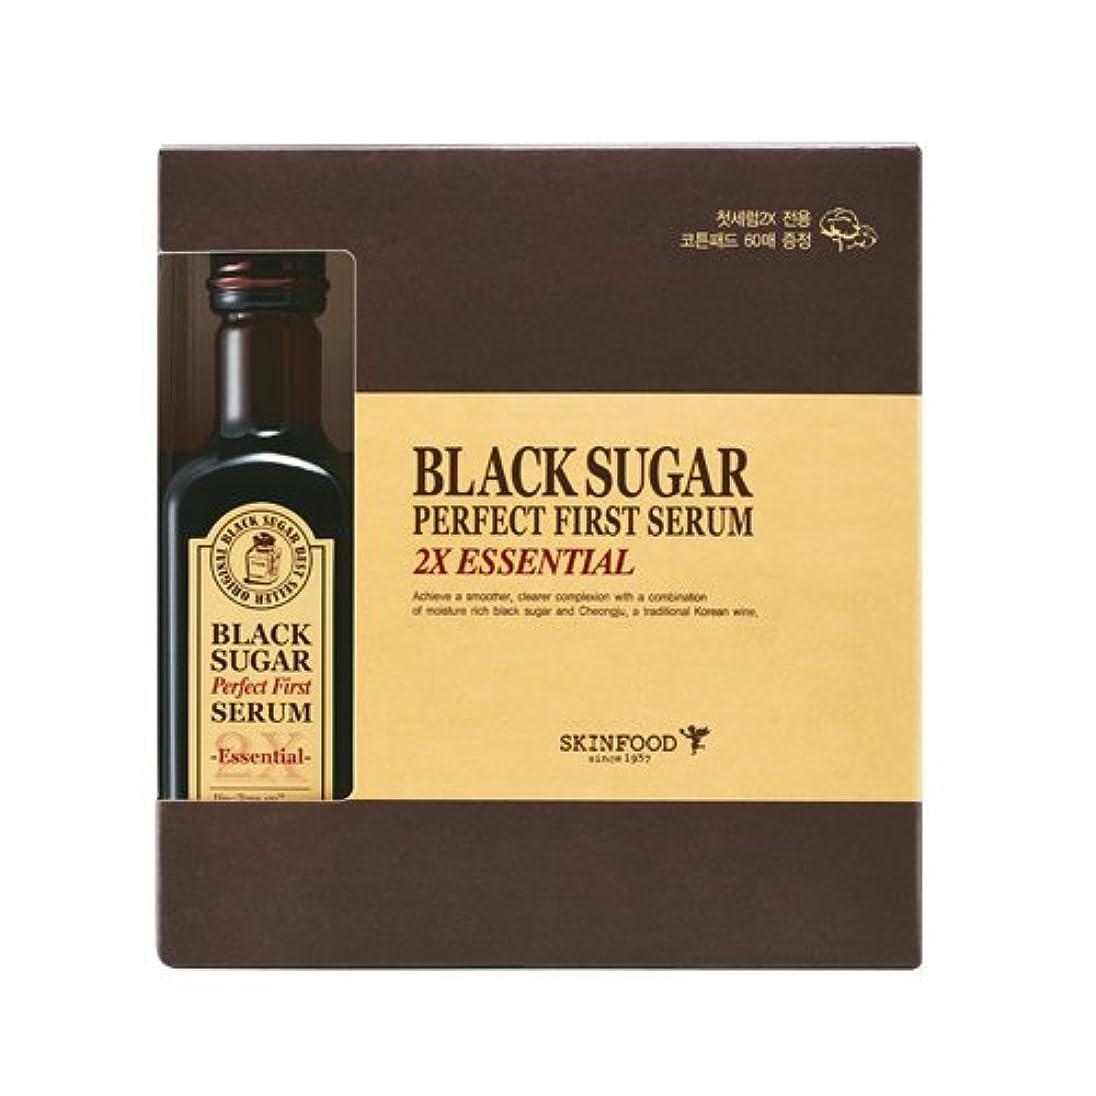 木曜日四回節約(SKINFOOD スキンフード)Black Sugar Perfect First Serum 2X ?essential- ブラックシュガー パーフェクトファーストセラム2X skin-brightening and Anti-wrinkle Effects? [並行輸入品]